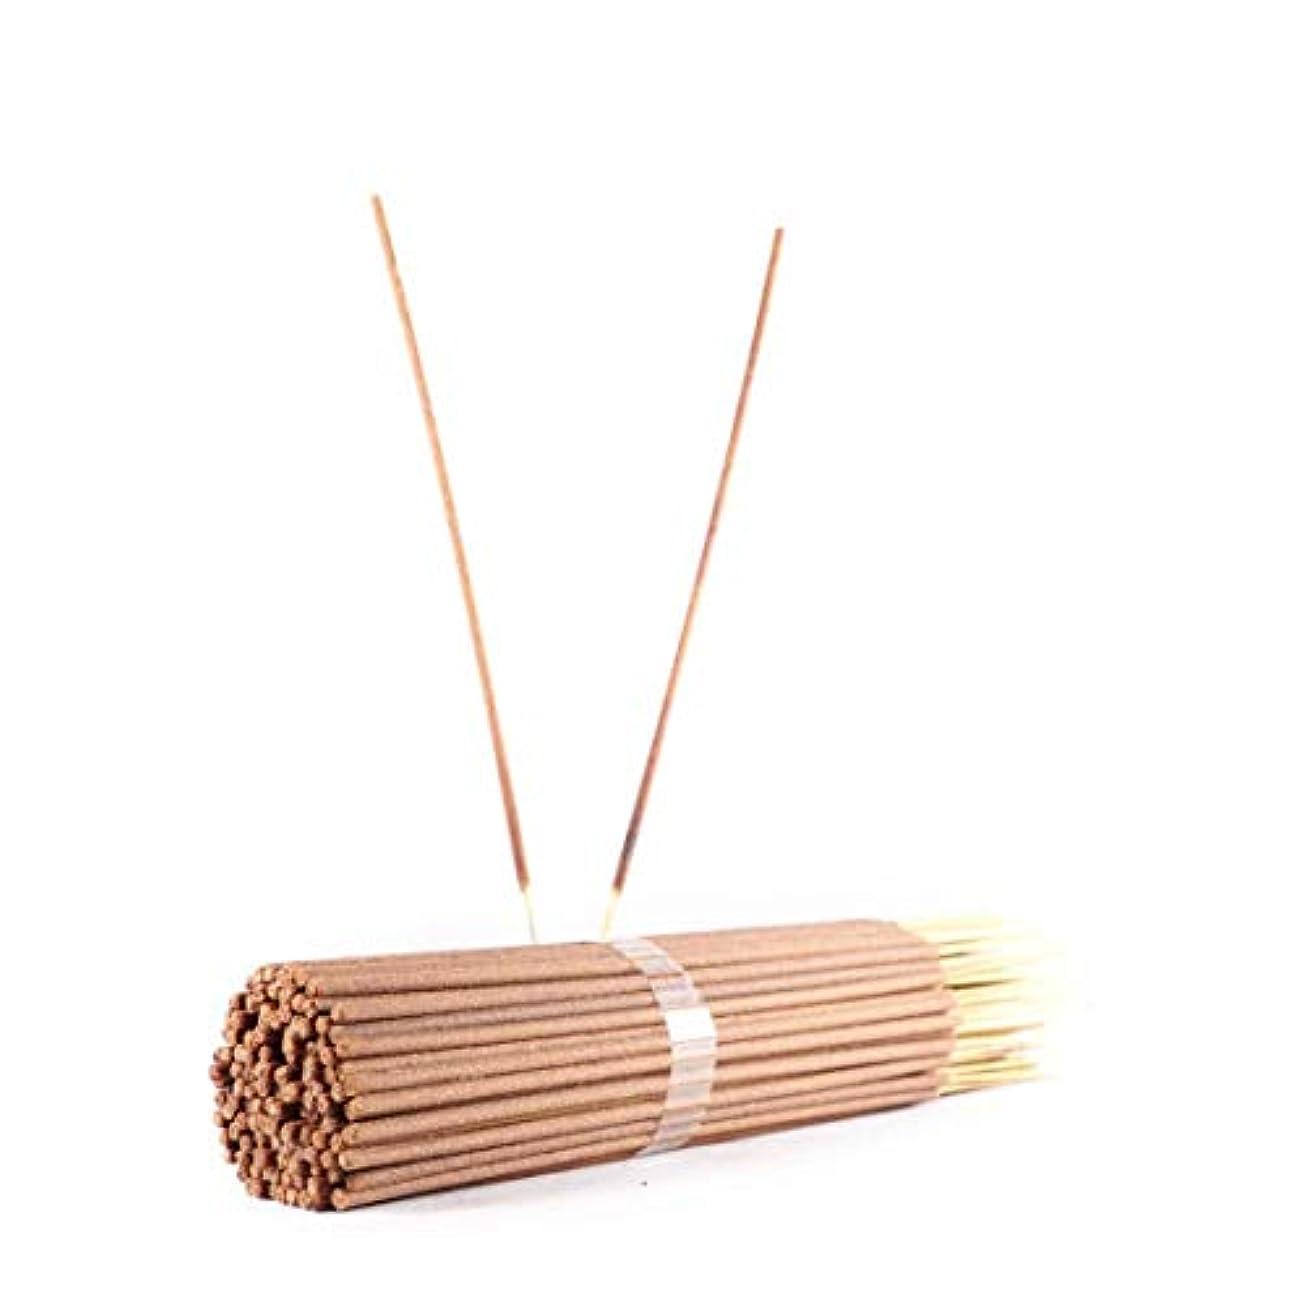 ピル合体十分ですGifteniaa Wonderful Vaishnavi Fragrant 9 Inches insence Sticks and Masala Insence Sticks (50 Sticks)